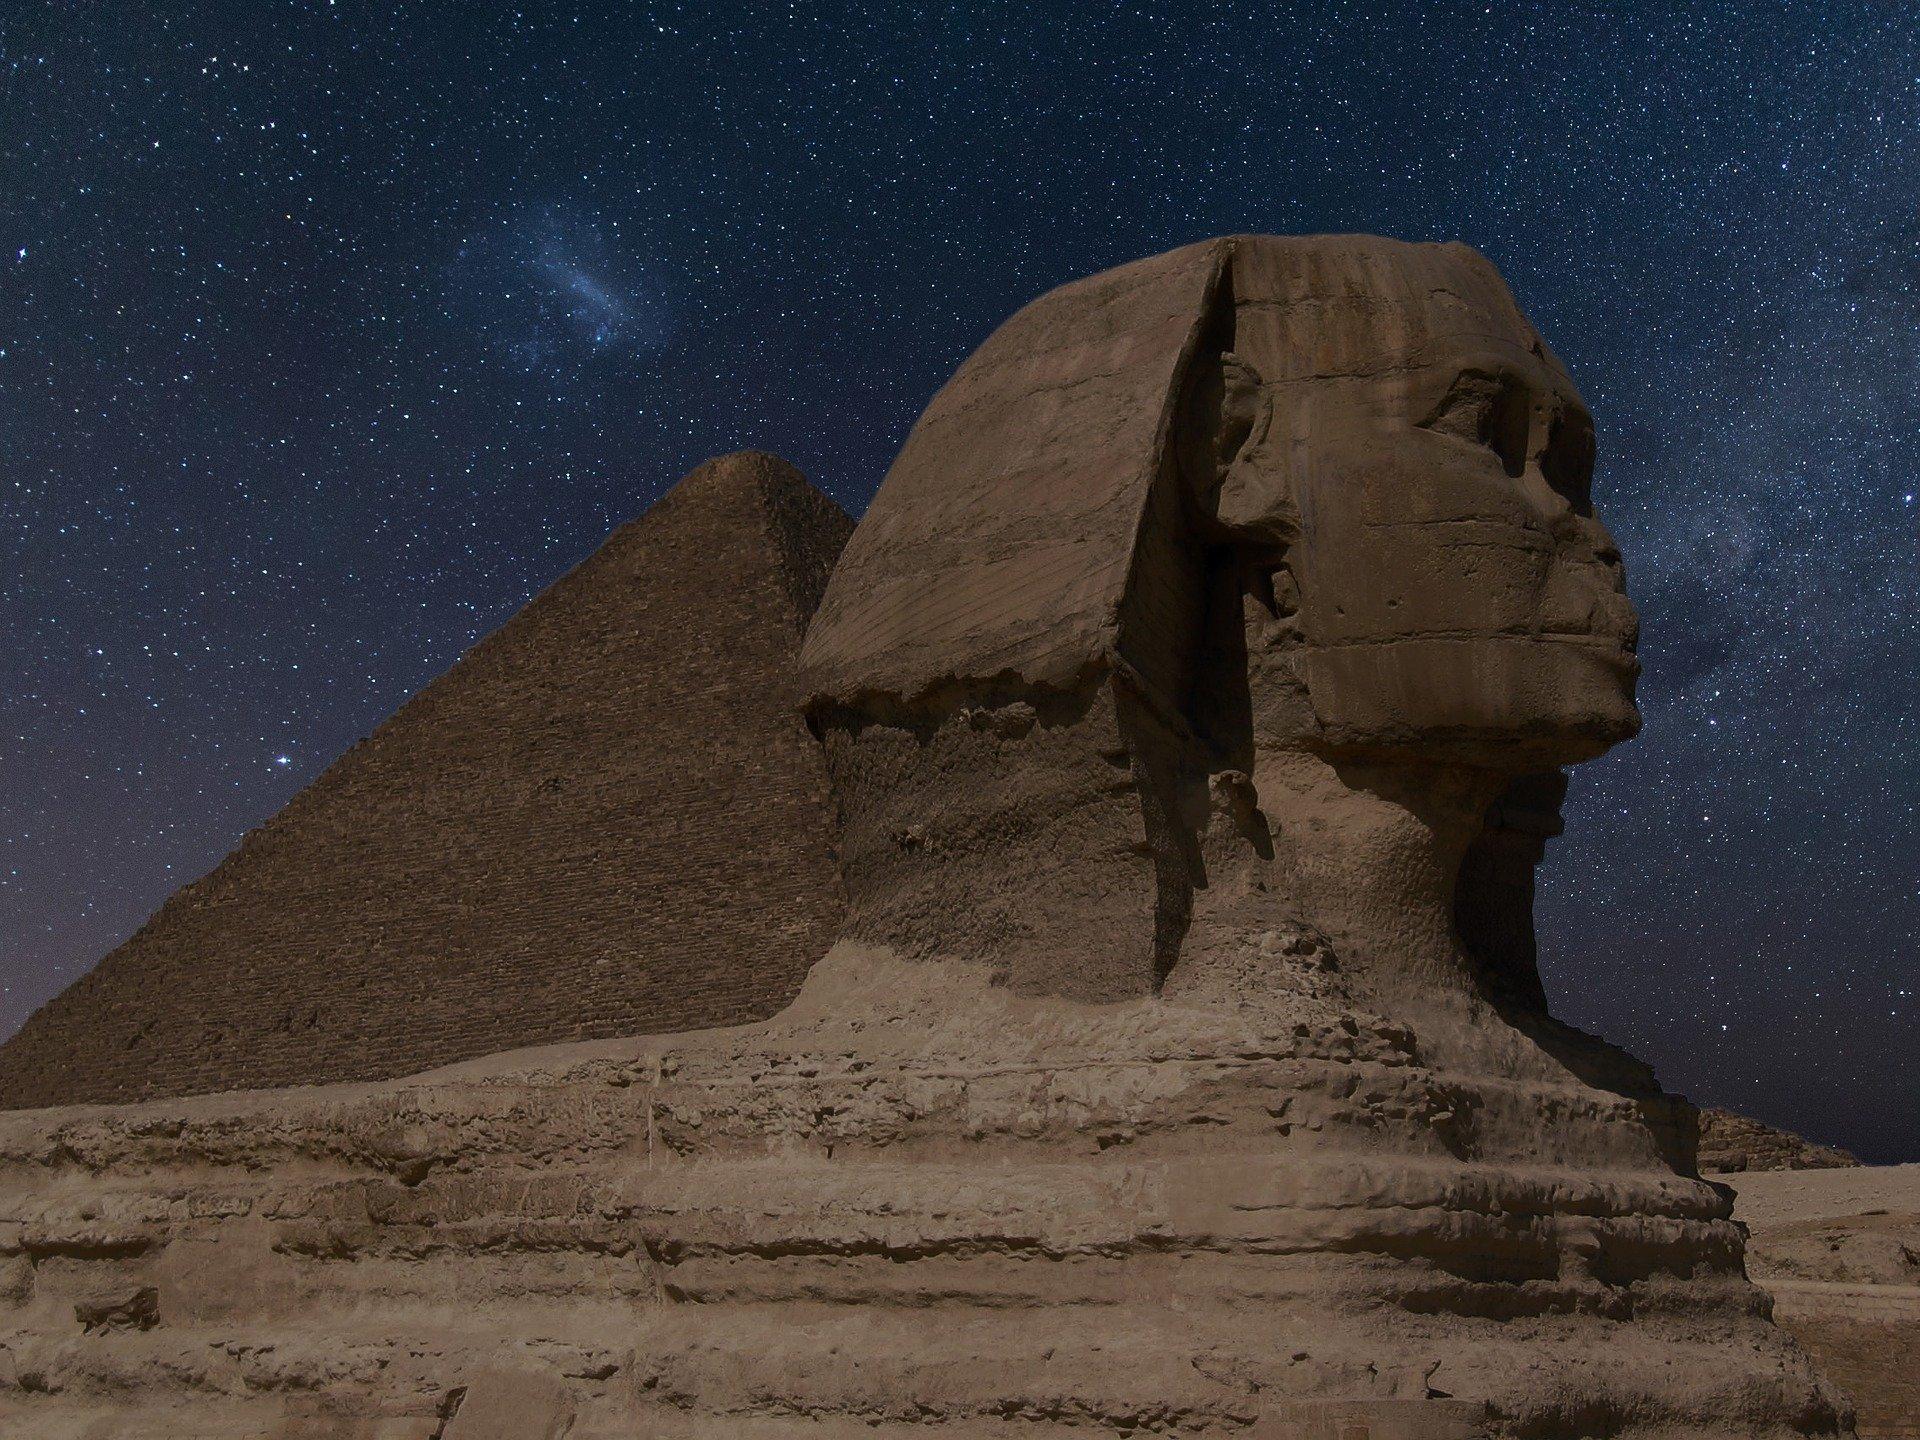 مصر Egypt تستقطب 3.5 ملايين سائح في النصف الأول من العام الحالي